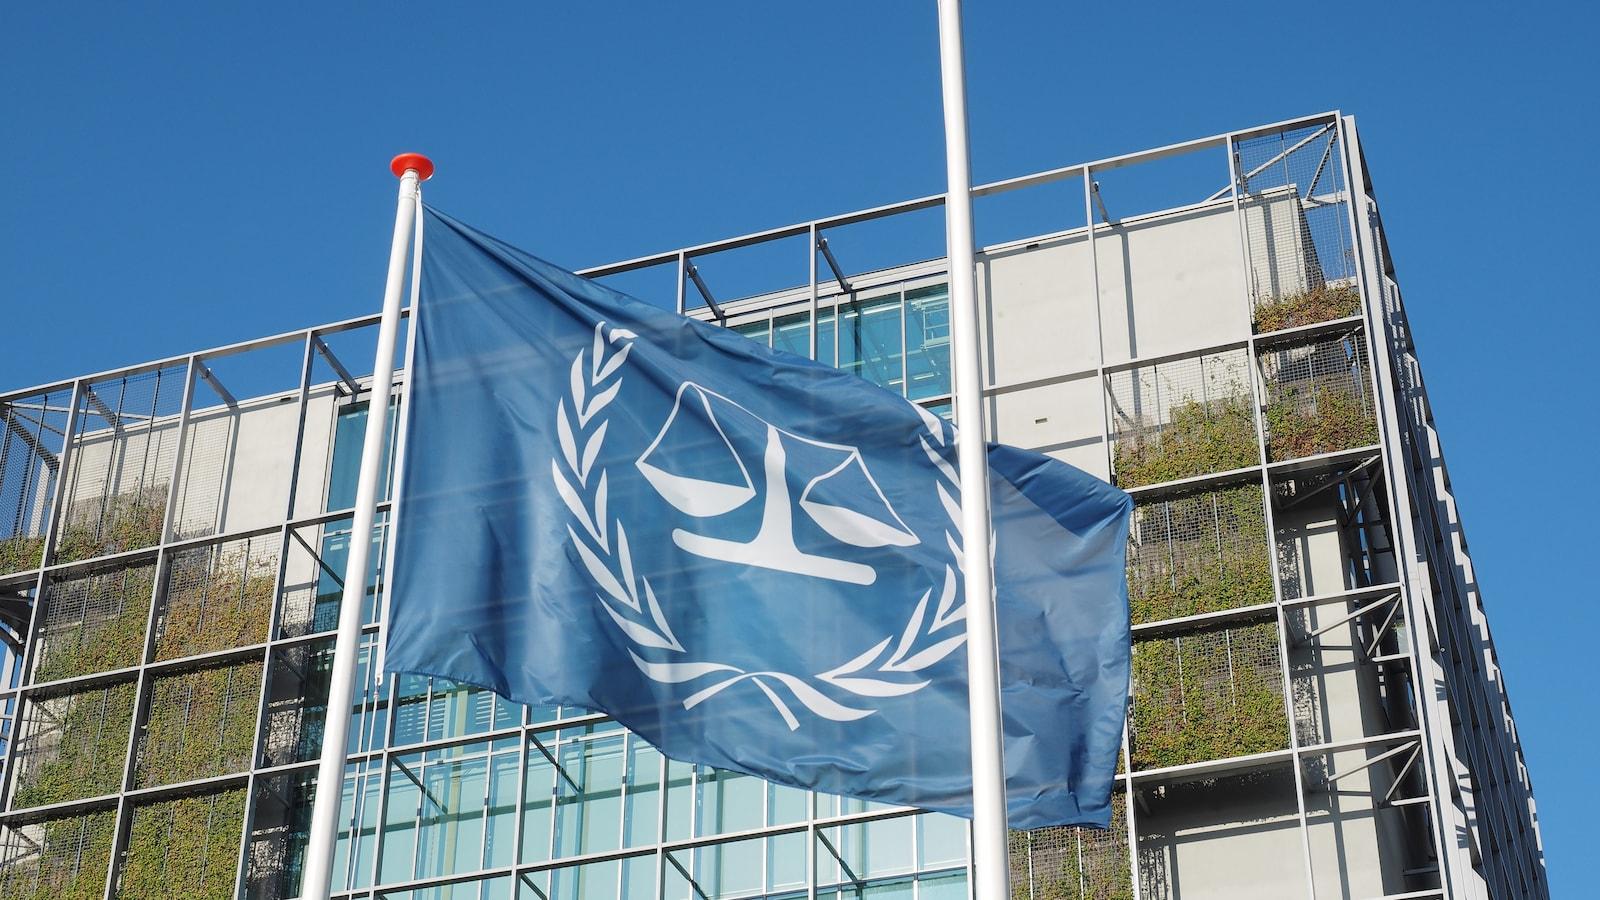 La CPI refuse d'ouvrir une enquête en Afghanistan, Trump crie